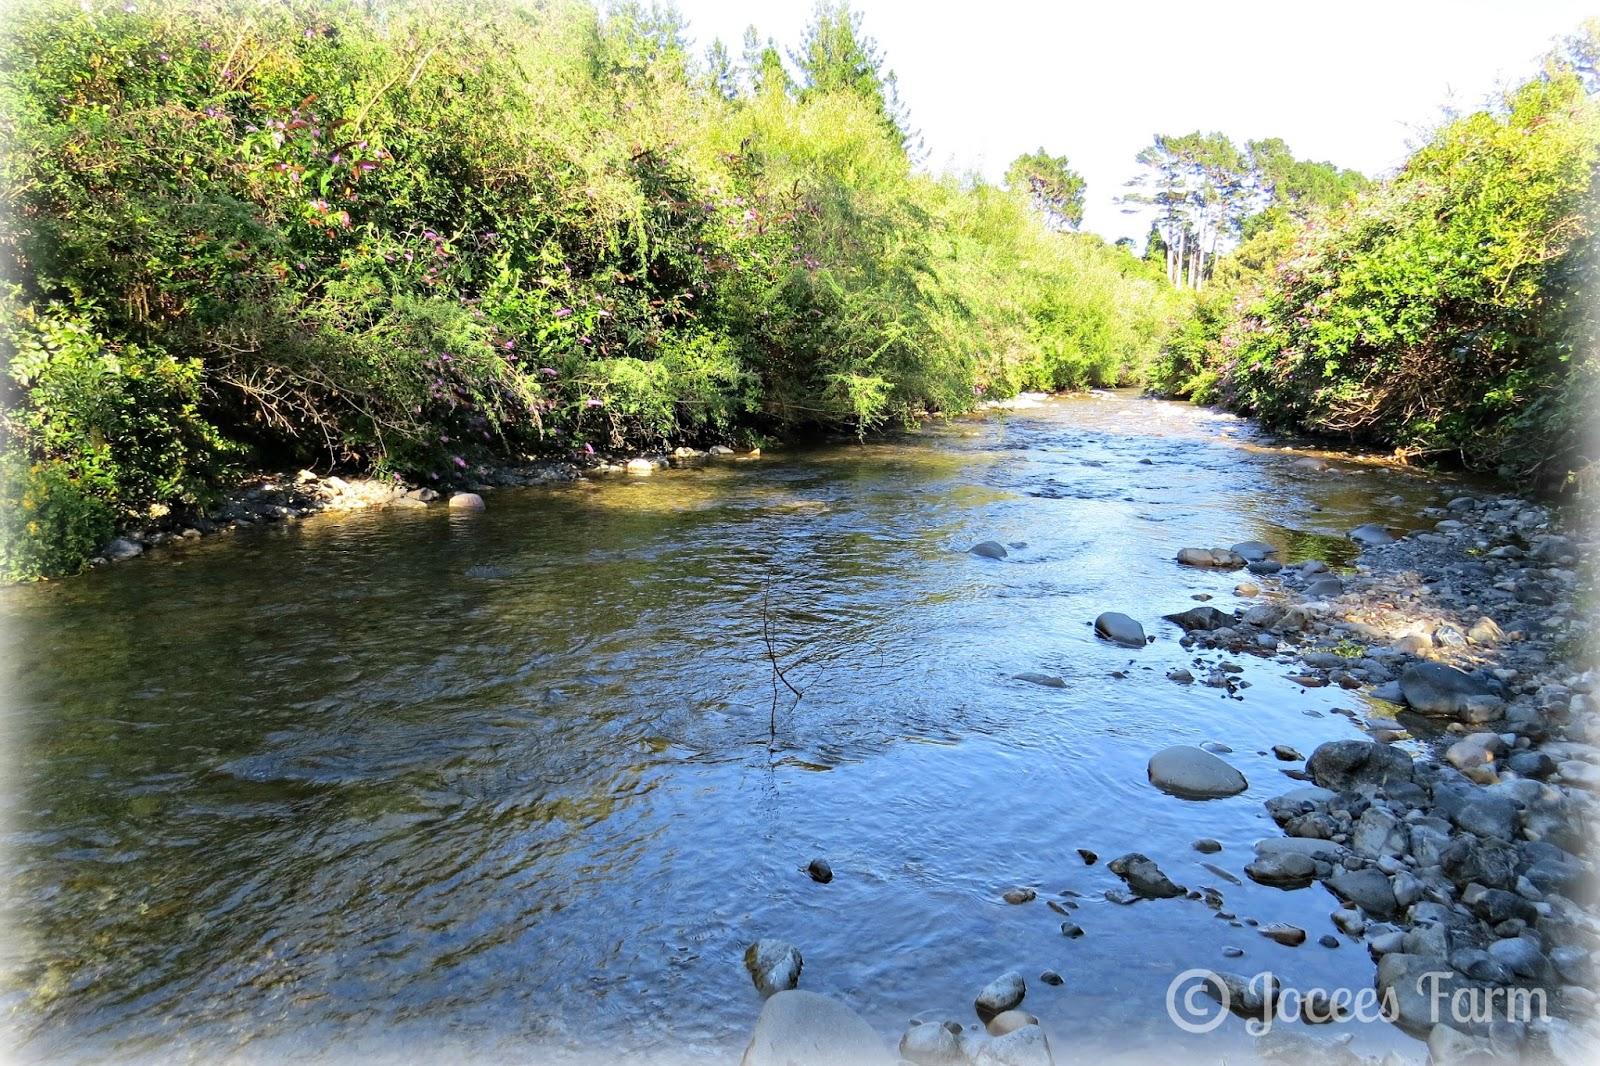 The River - joceesfarm.blogspot.com